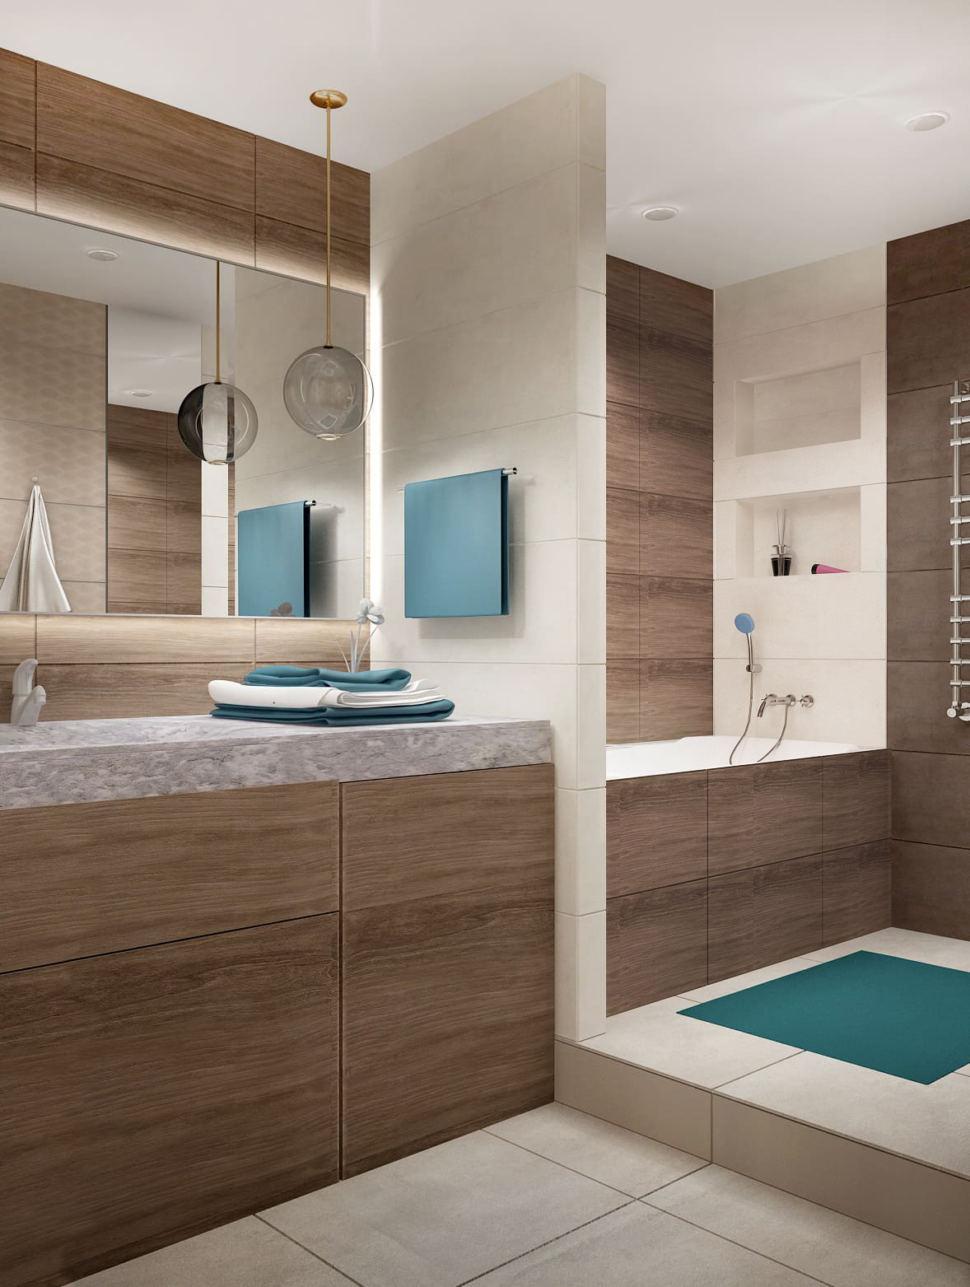 Дизайн интерьера ванной 7 кв.м в древесных тонах с шоколадными оттенками, зеркало, бежевая тумба, сушилка, раковина, душевая кабина